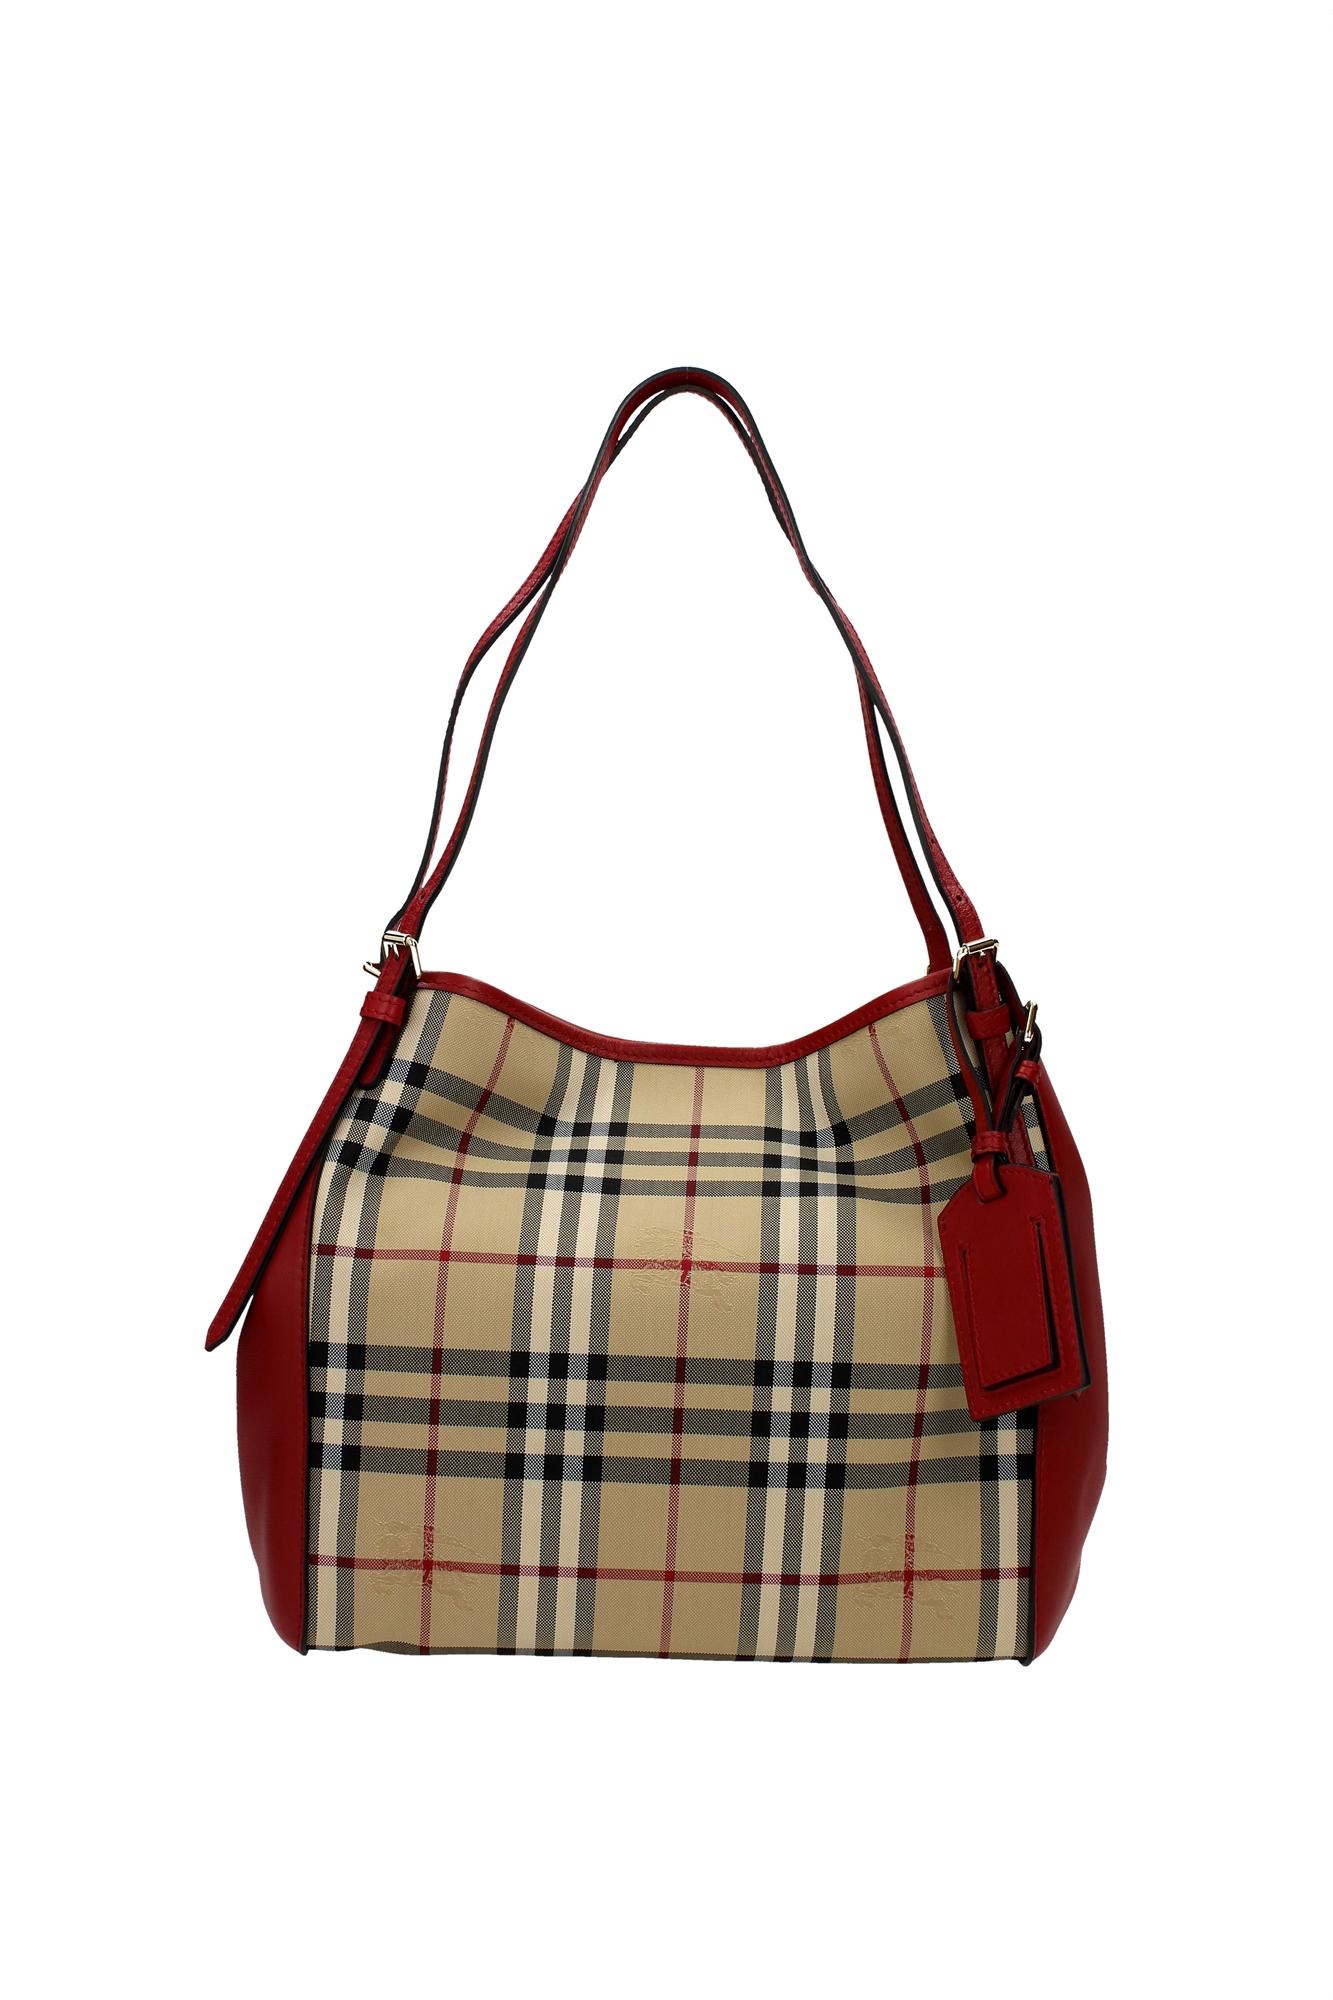 Borse Burberry Su Kijiji : Borse a spalla burberry donna poliammide rosso